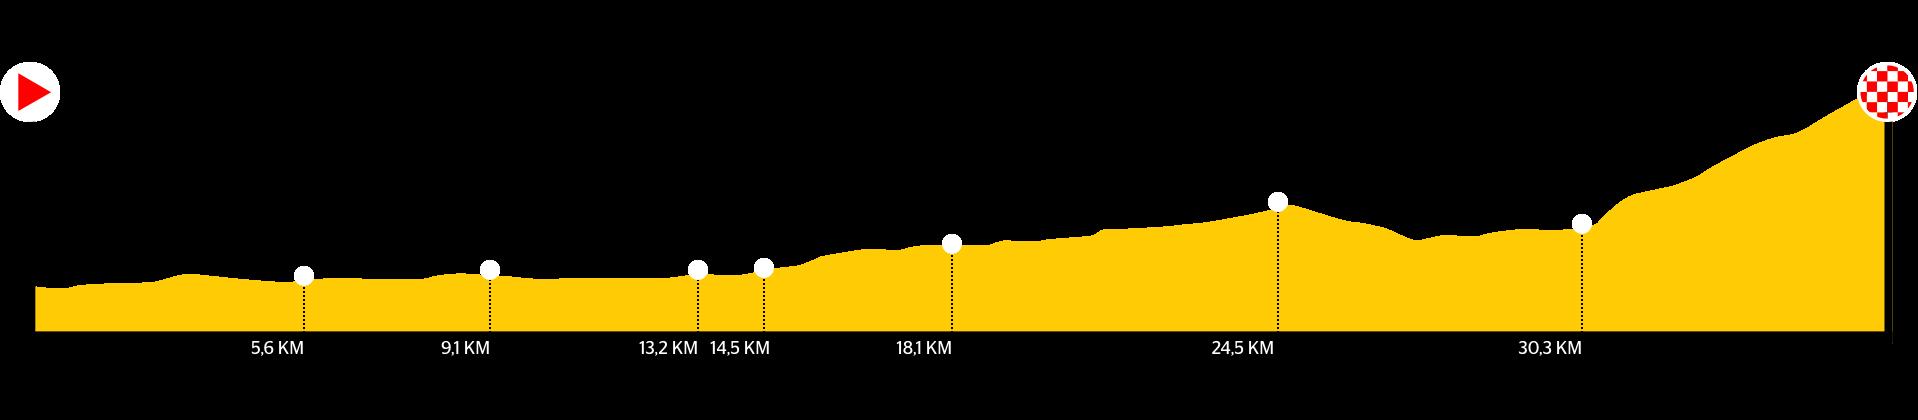 Grafiek Etappe